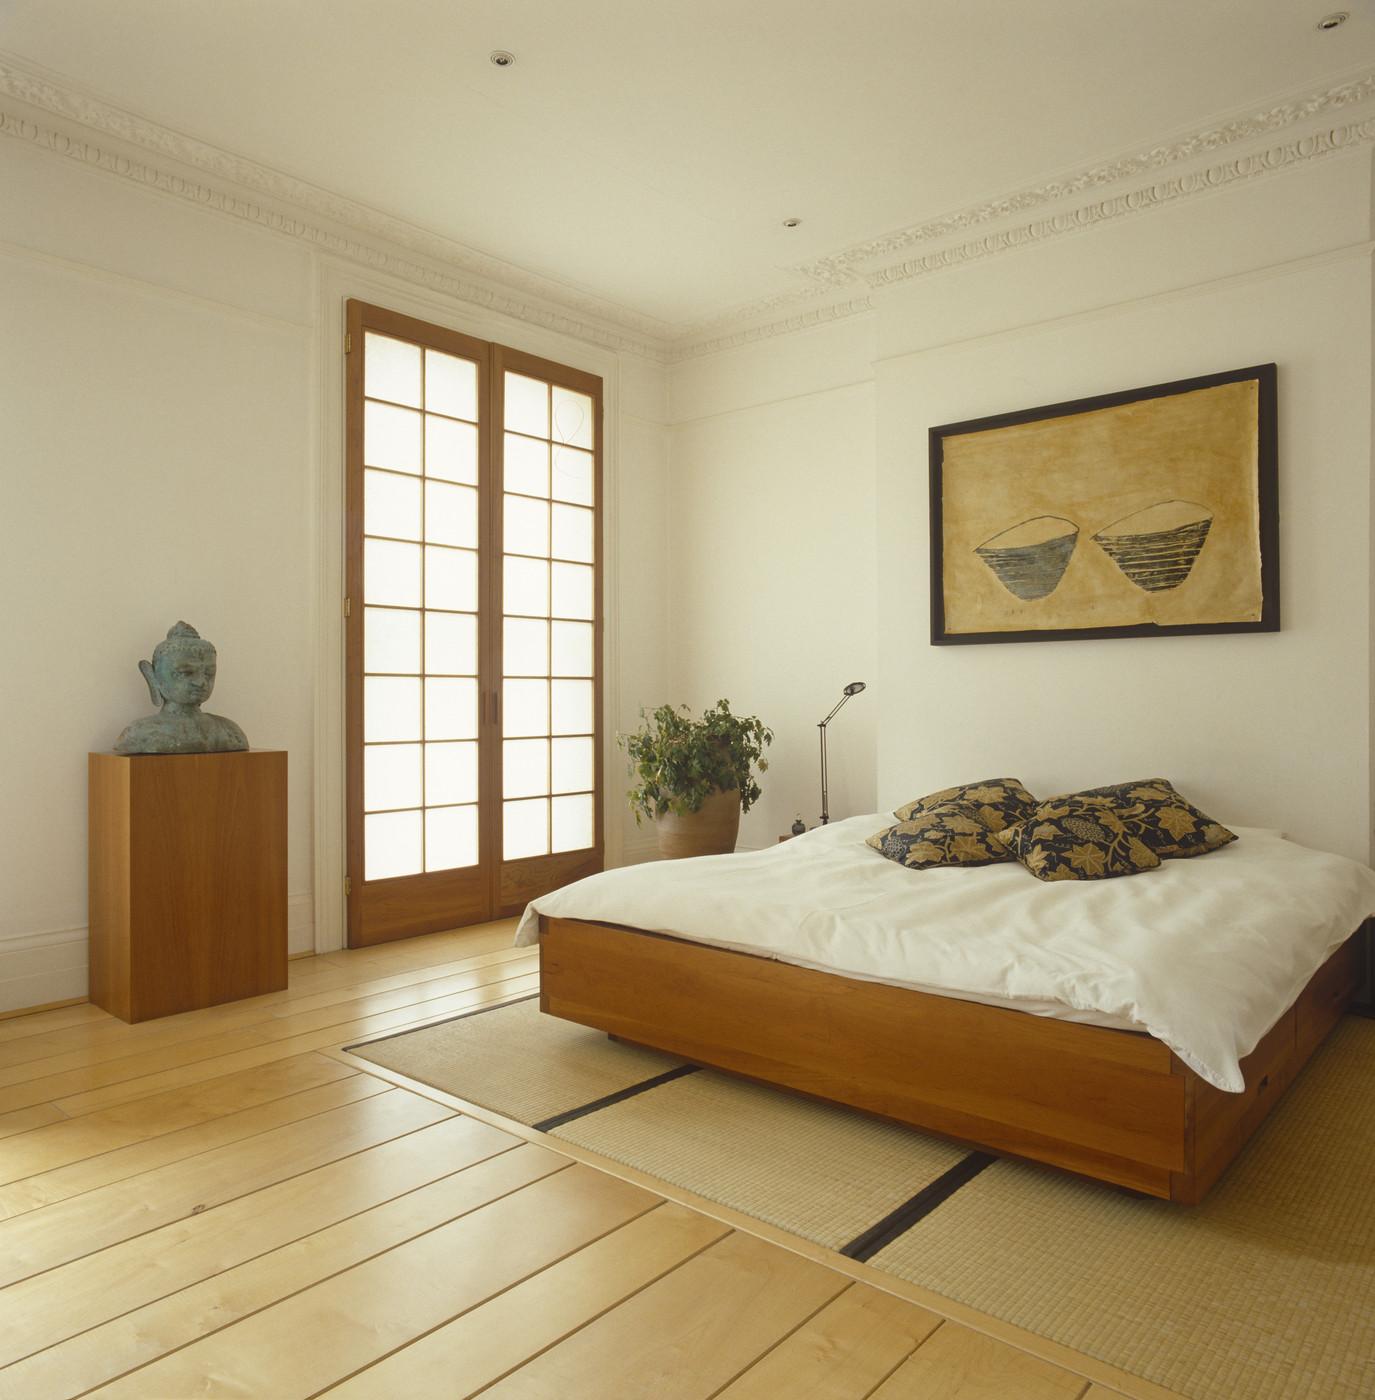 19 mẫu phòng ngủ hài hòa và thư thái theo phong cách Zen - Ảnh 12.